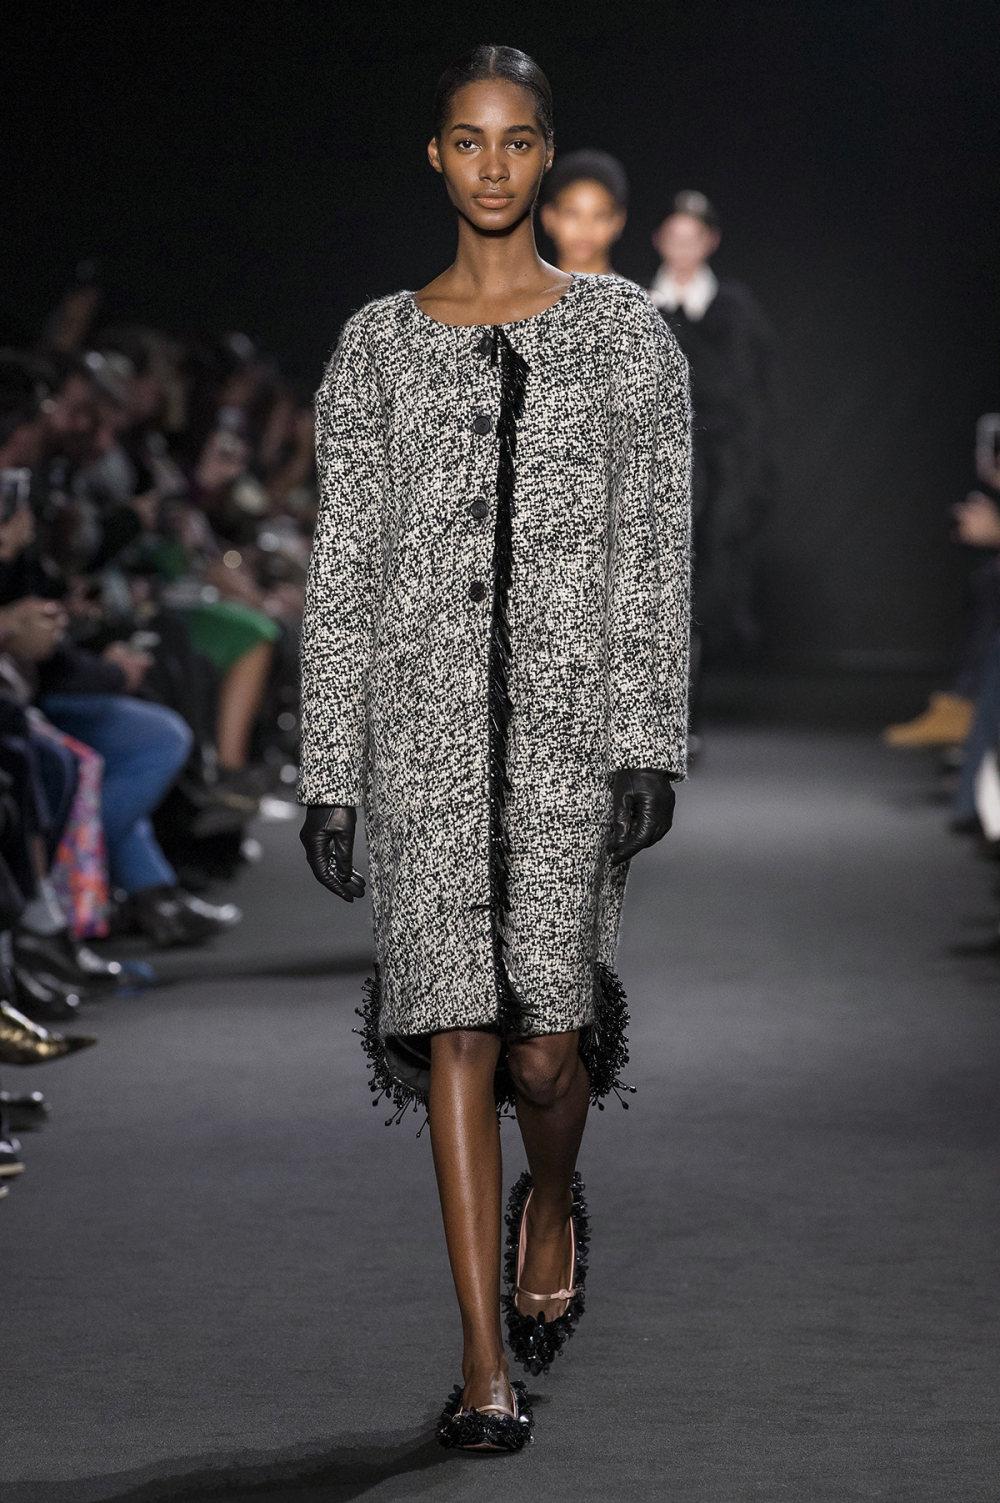 Rochas时装系列黑色无领斜纹软呢褶皱的黑色裙身饰有超细短袖衬衫-4.jpg